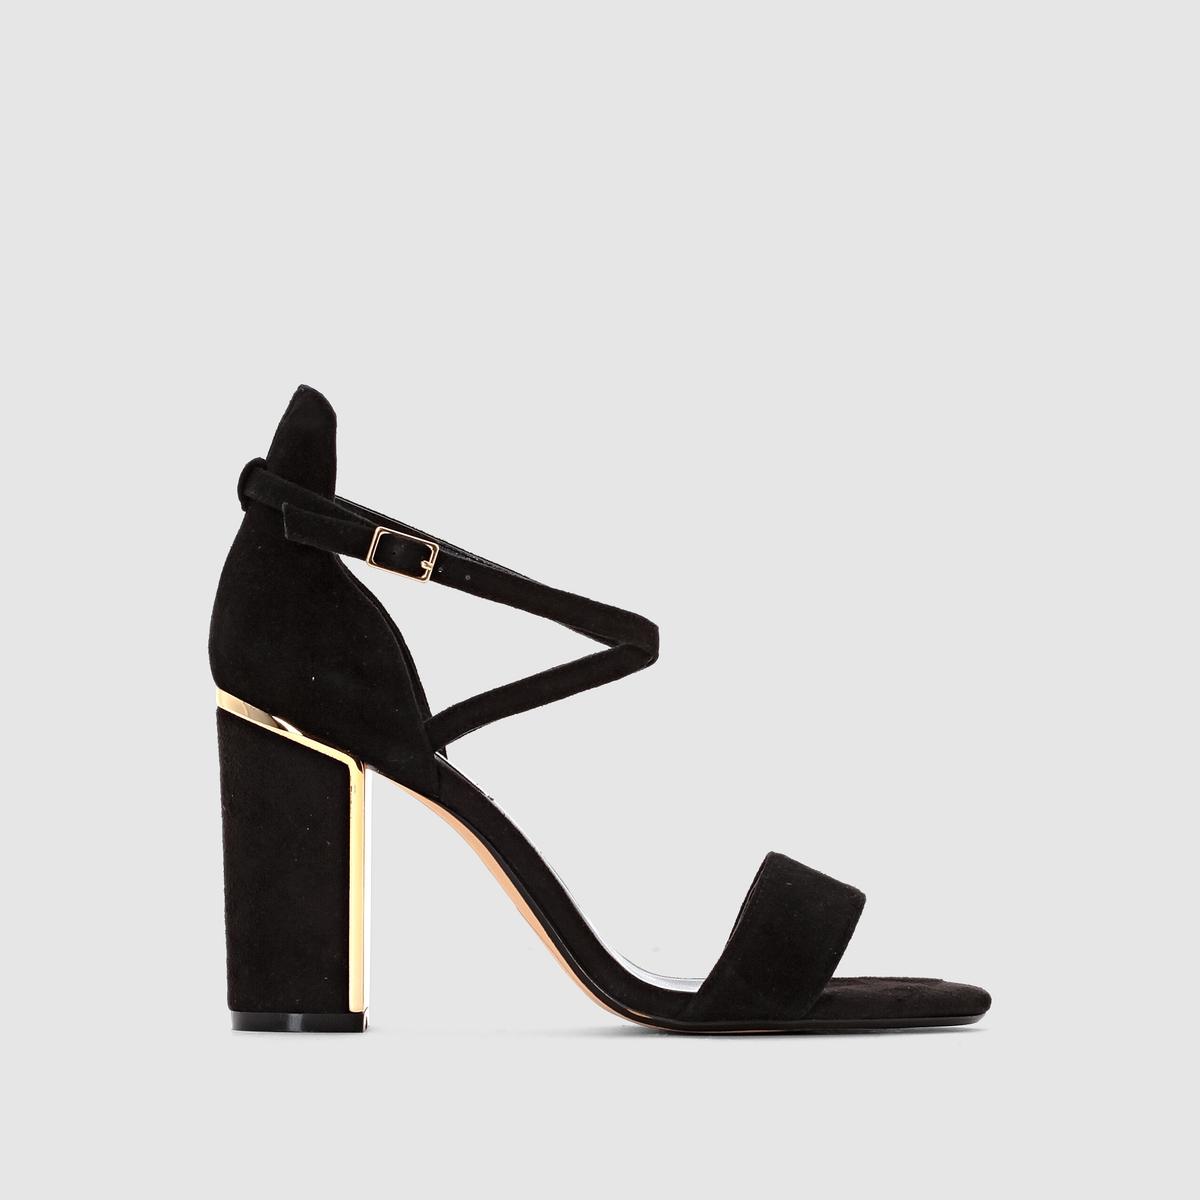 Босоножки на каблуке MAYBEL, велюровая кожаИзысканность, женственность и современность - босоножки на высоком каблуке Maybel от Dune London! Детали: золотистая металлическая деталь на каблуке!<br><br>Цвет: черный<br>Размер: 40